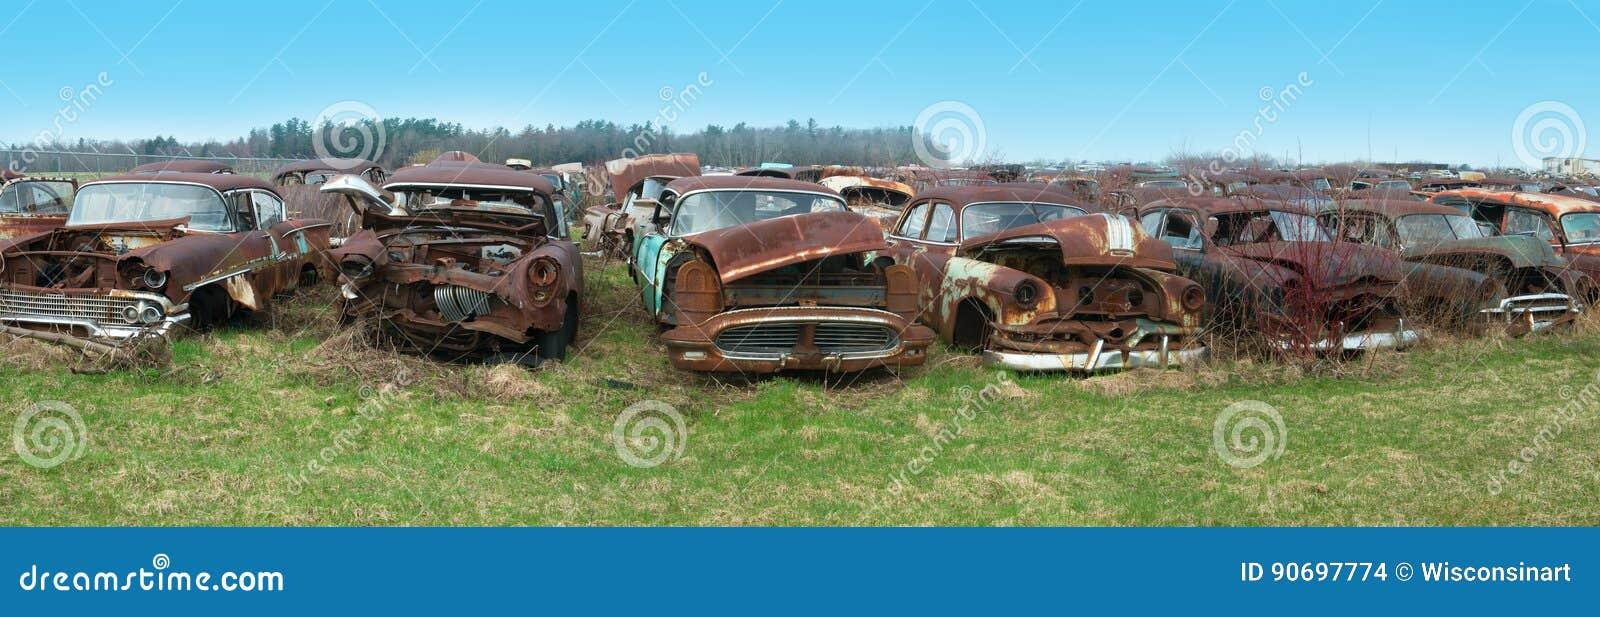 Alter Oldtimer, Autos, Autofriedhof Stockfoto - Bild von weinlese ...